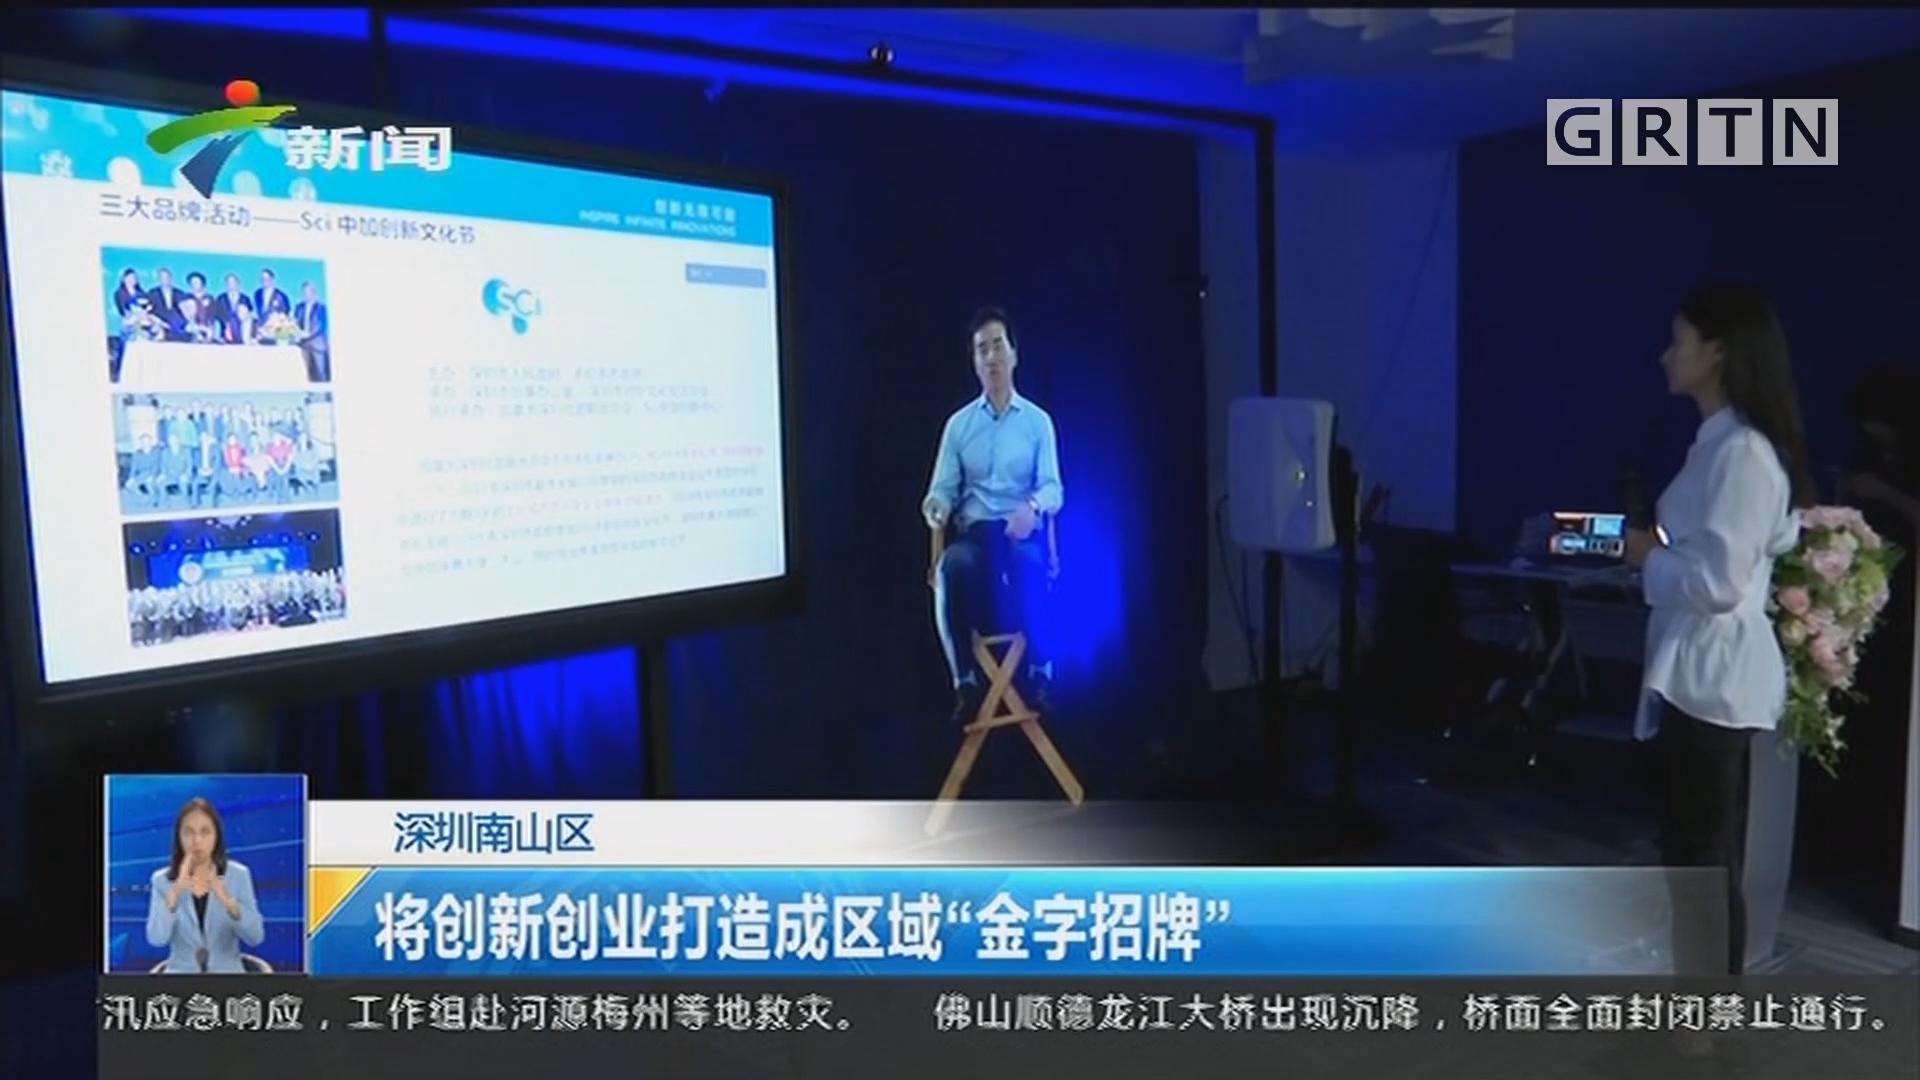 """深圳南山区:将创新创业打造成区域""""金字招牌"""""""